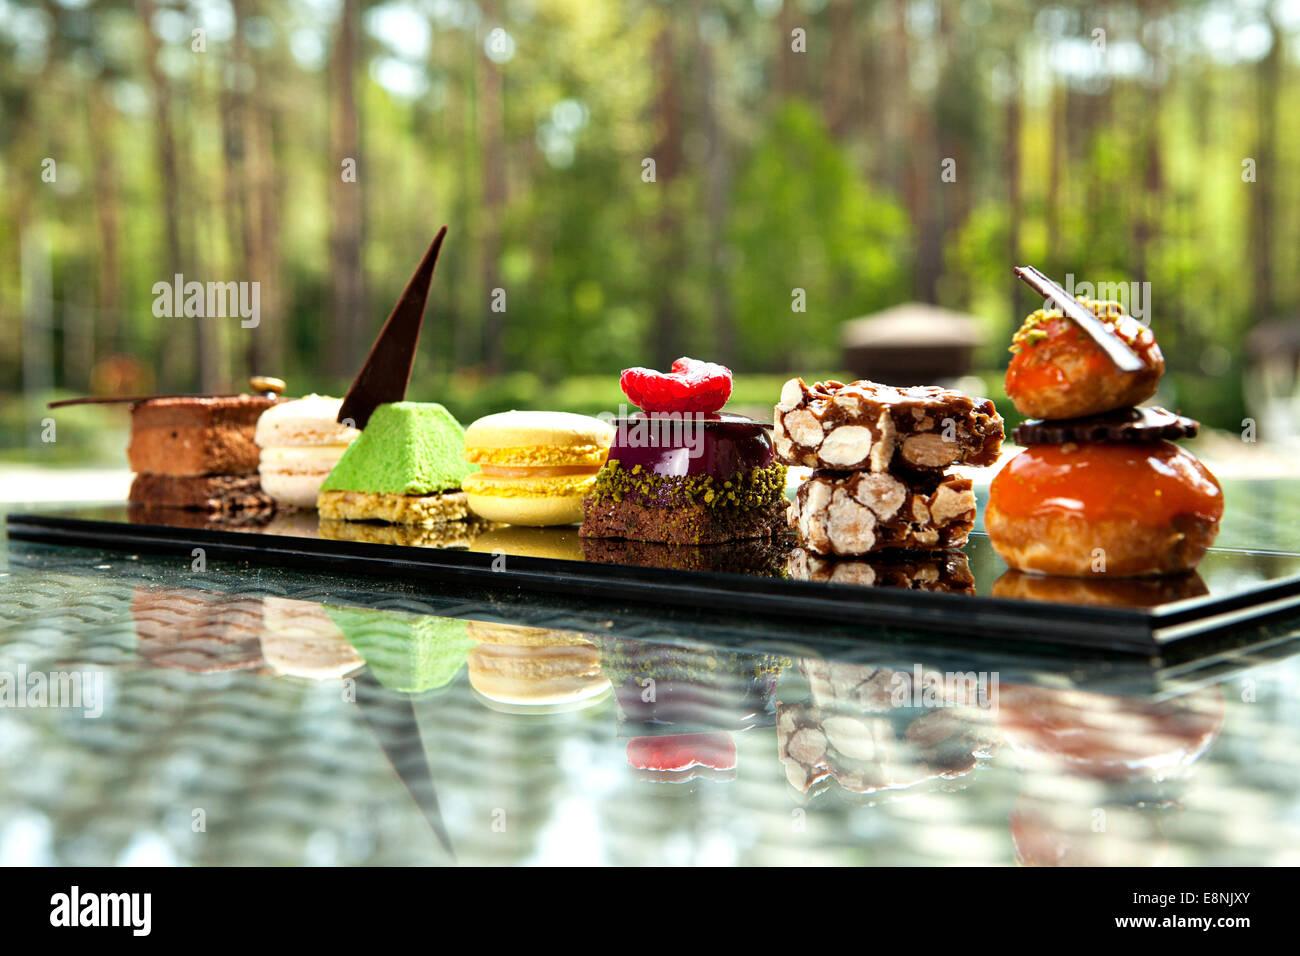 Preciosa vista de diferentes tortas y galletas, servido en el exterior Imagen De Stock